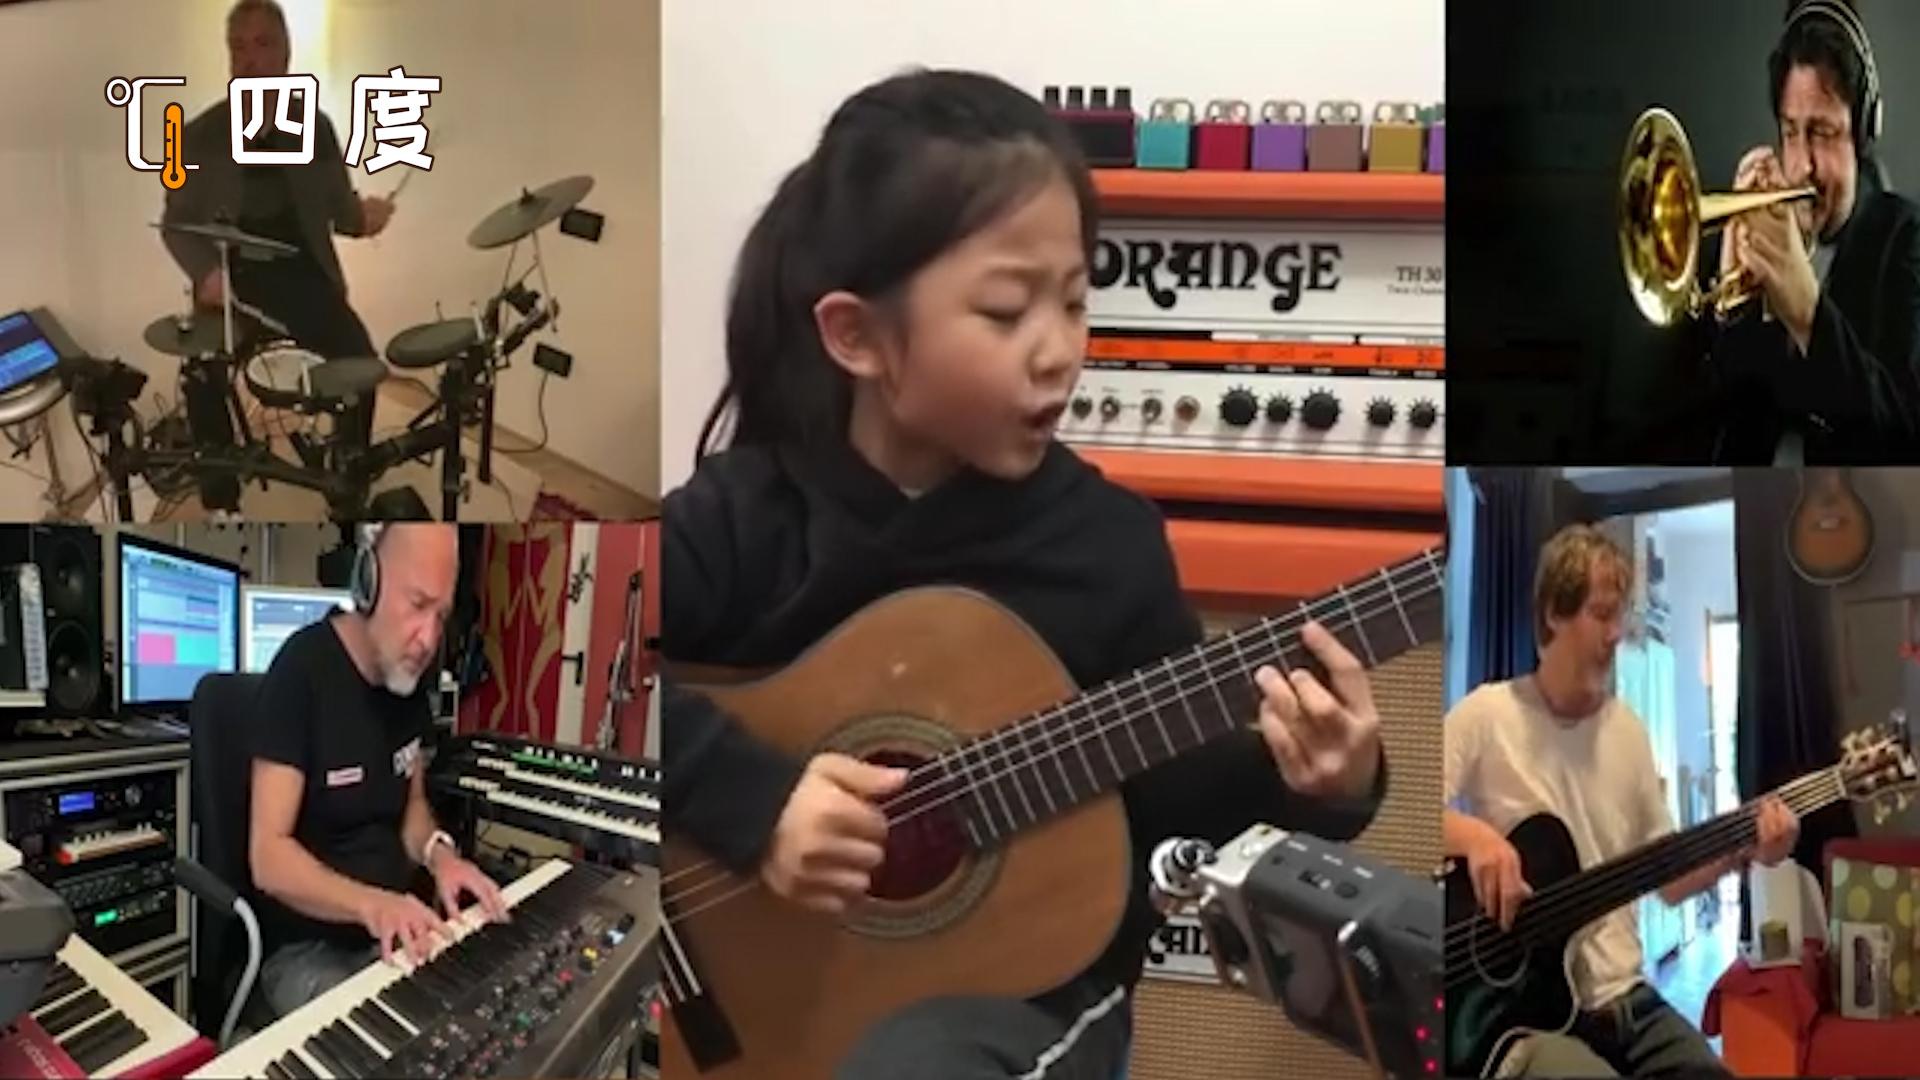 跨界合奏!外国音乐人组成网络乐队为6岁中国女孩伴奏:鼓励萌新